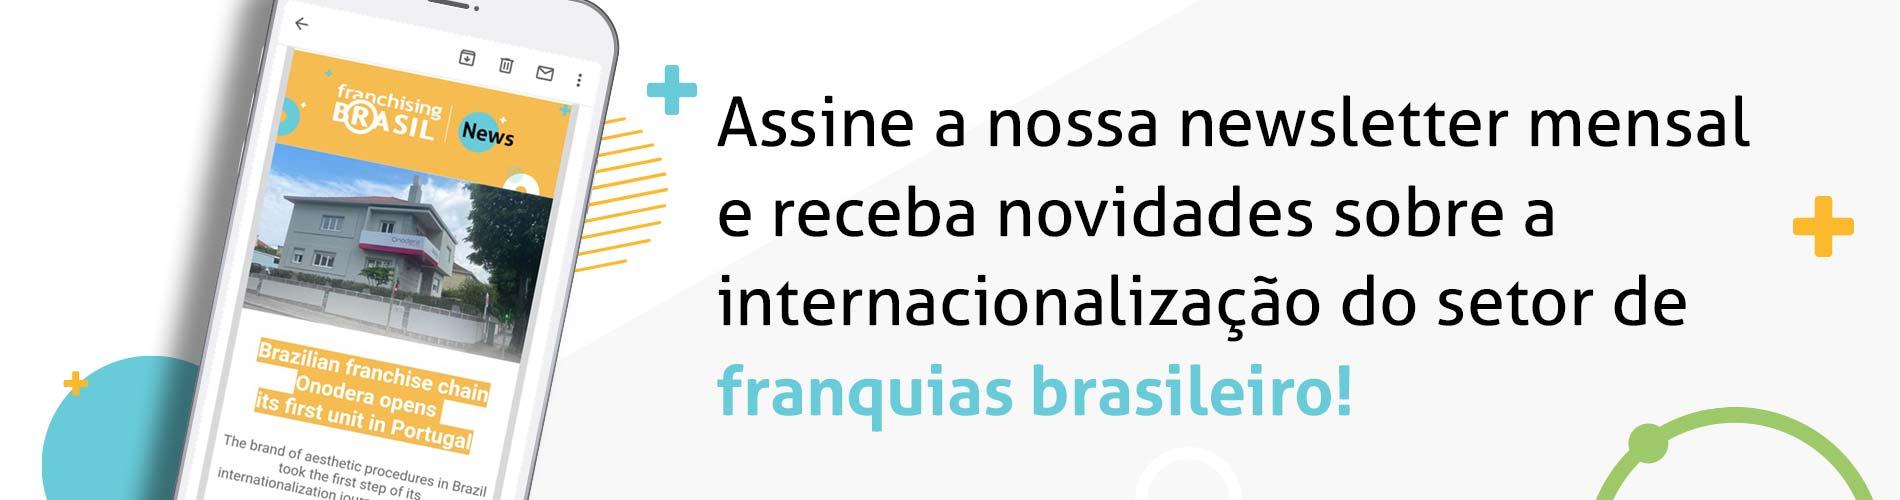 Newsletter Mensal Franchising Brasil